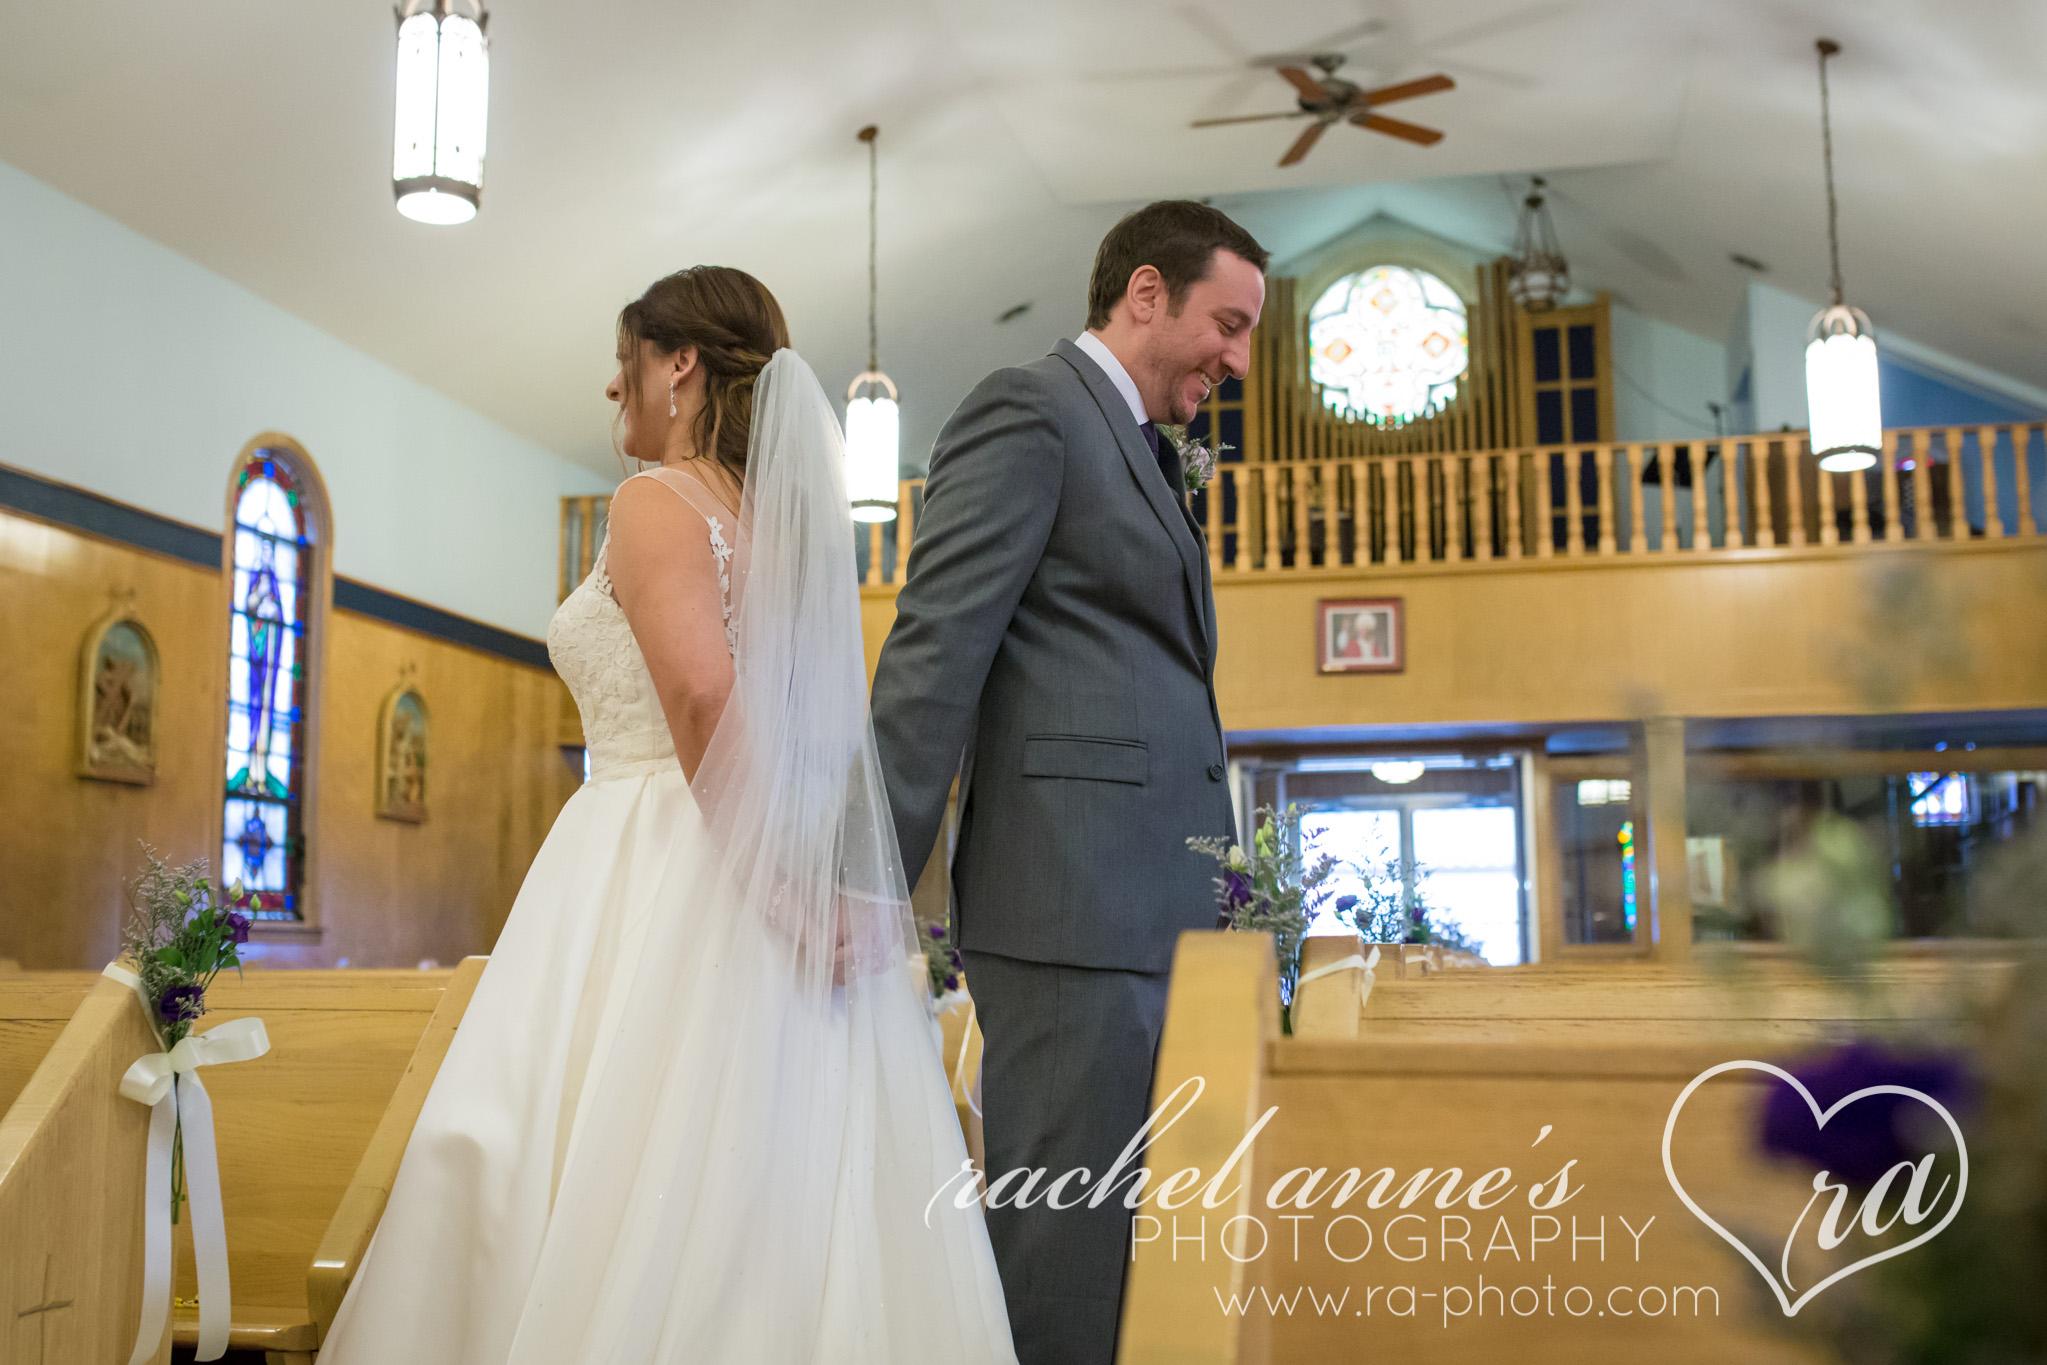 014-CAP-CURWENSVILLE-PA-TREASURE-LAKEVIEW-LODGE-WEDDINGS.jpg